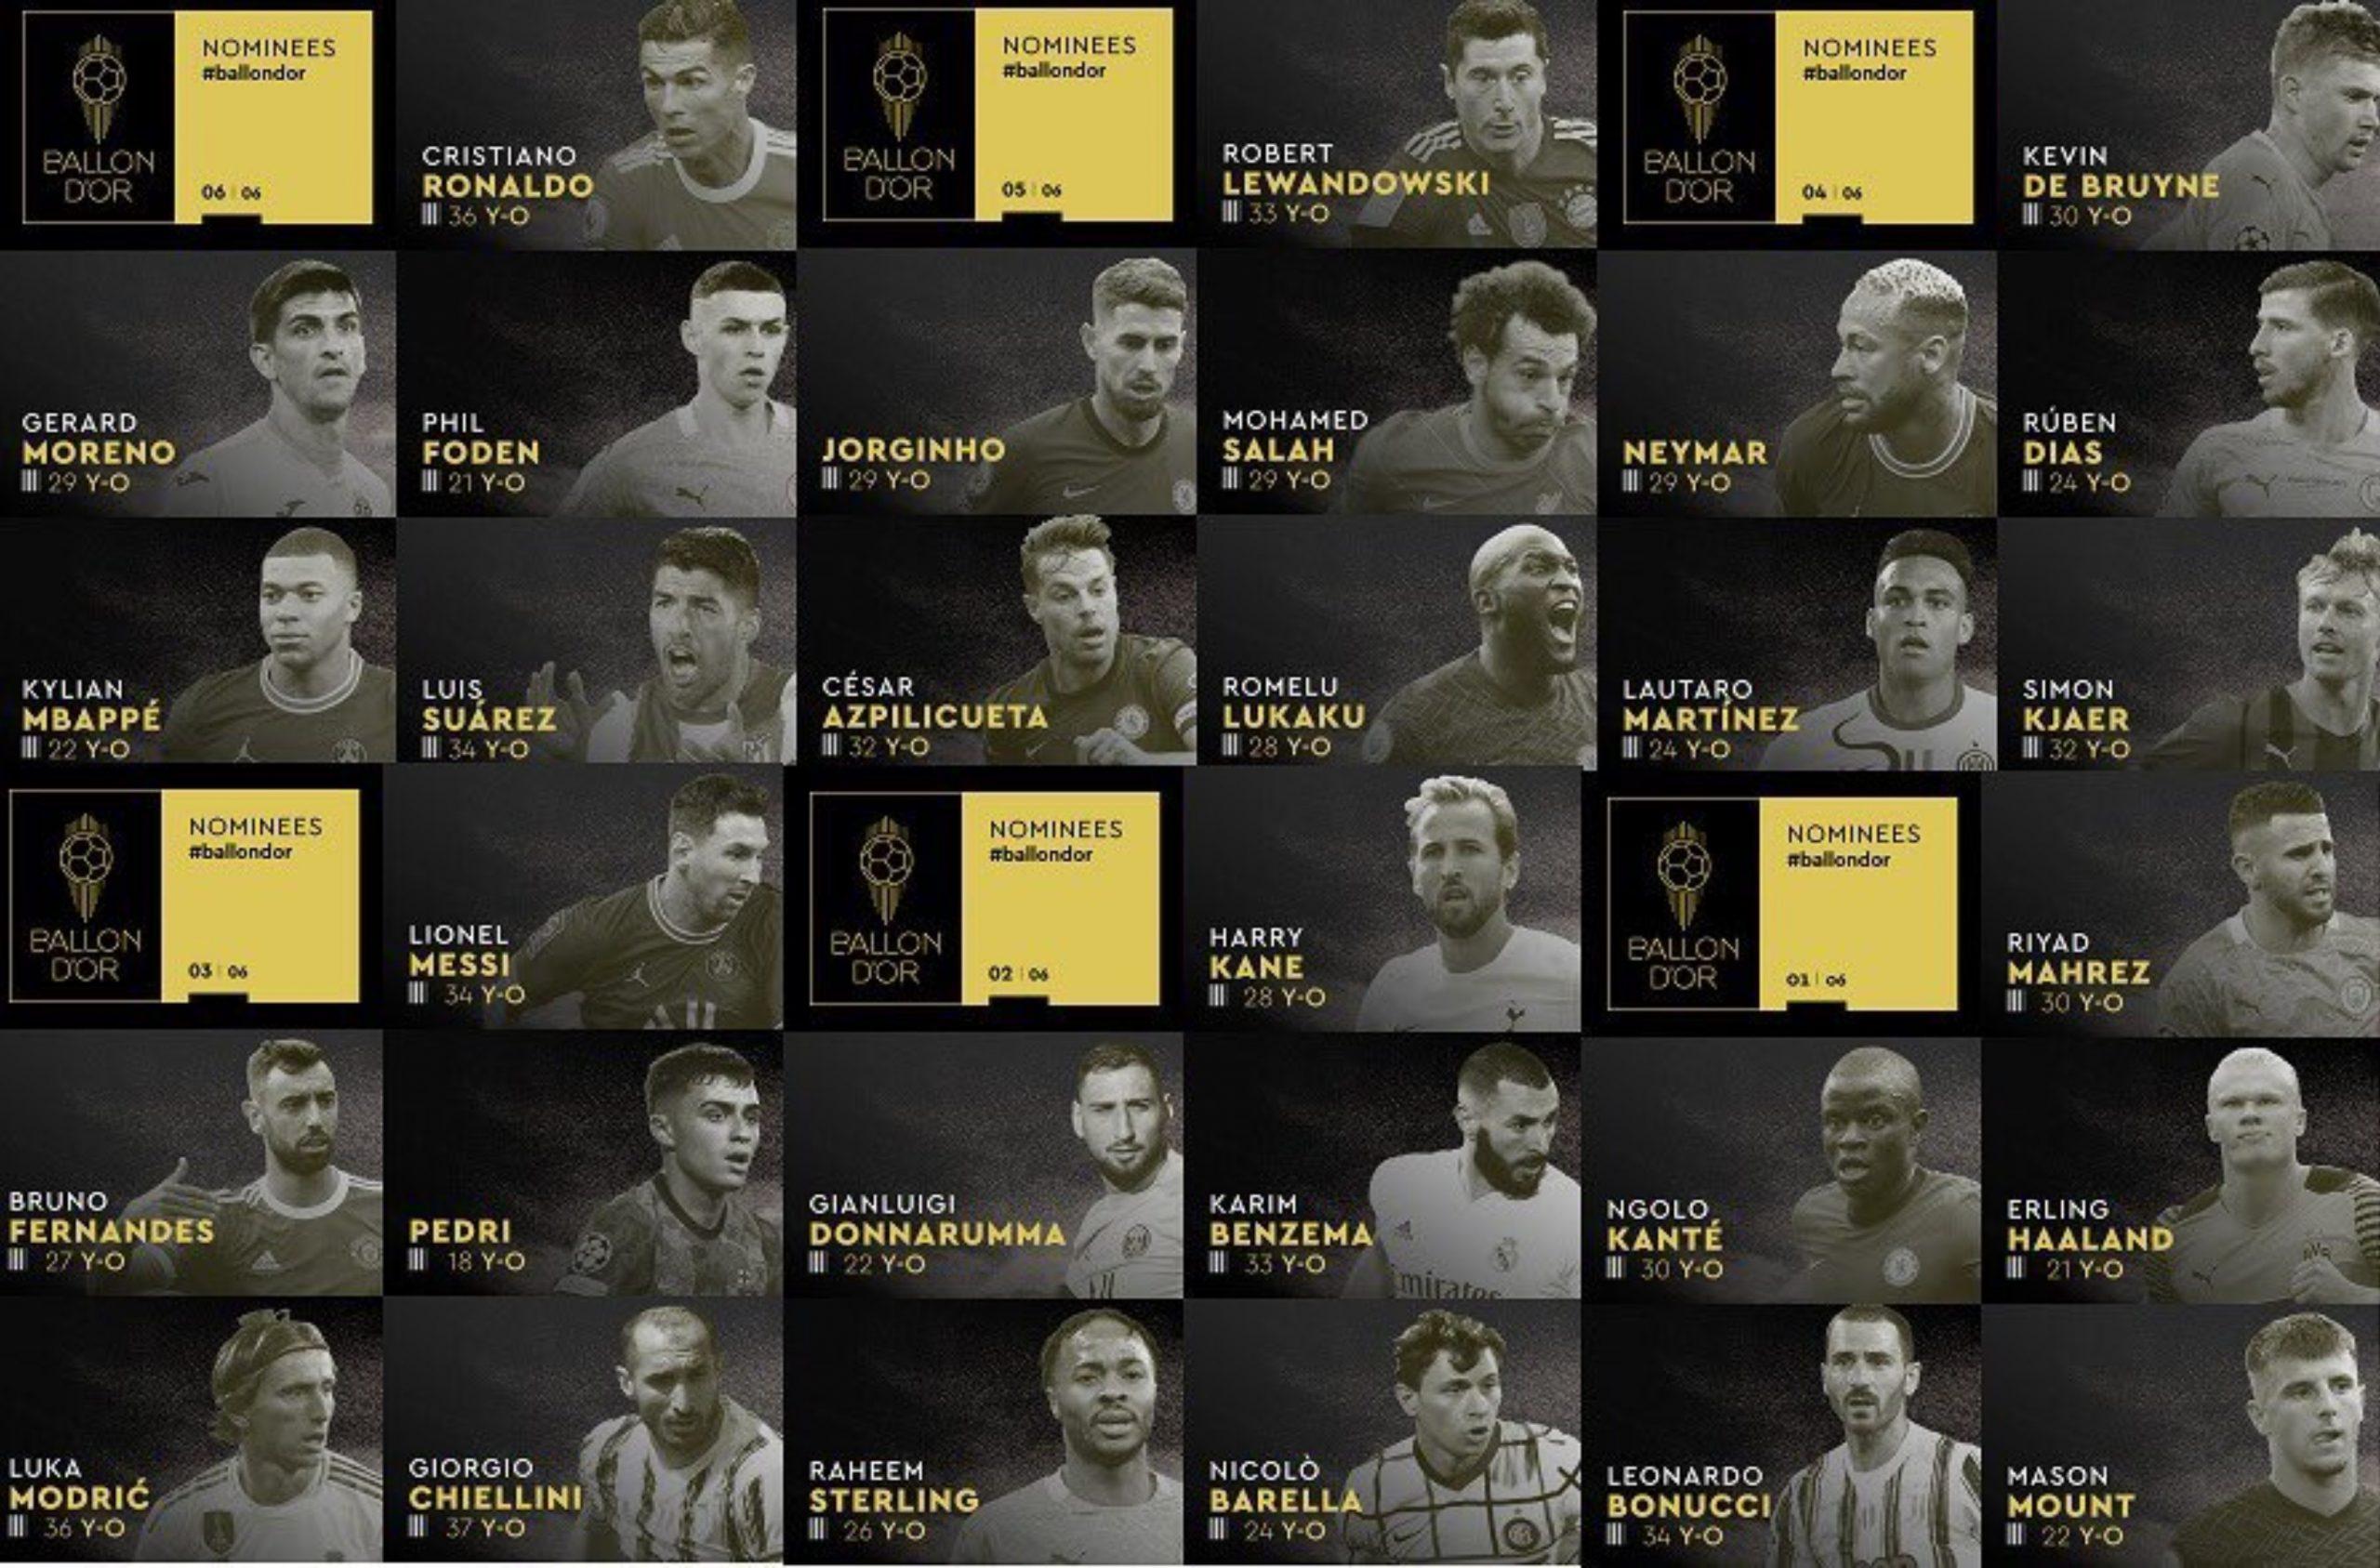 Estos son los nominados al Balón de Oro 2021;  Messi, Cristiano Ronaldo, Lewandowski, Benzema, Mbappé y Haaland están en la lista